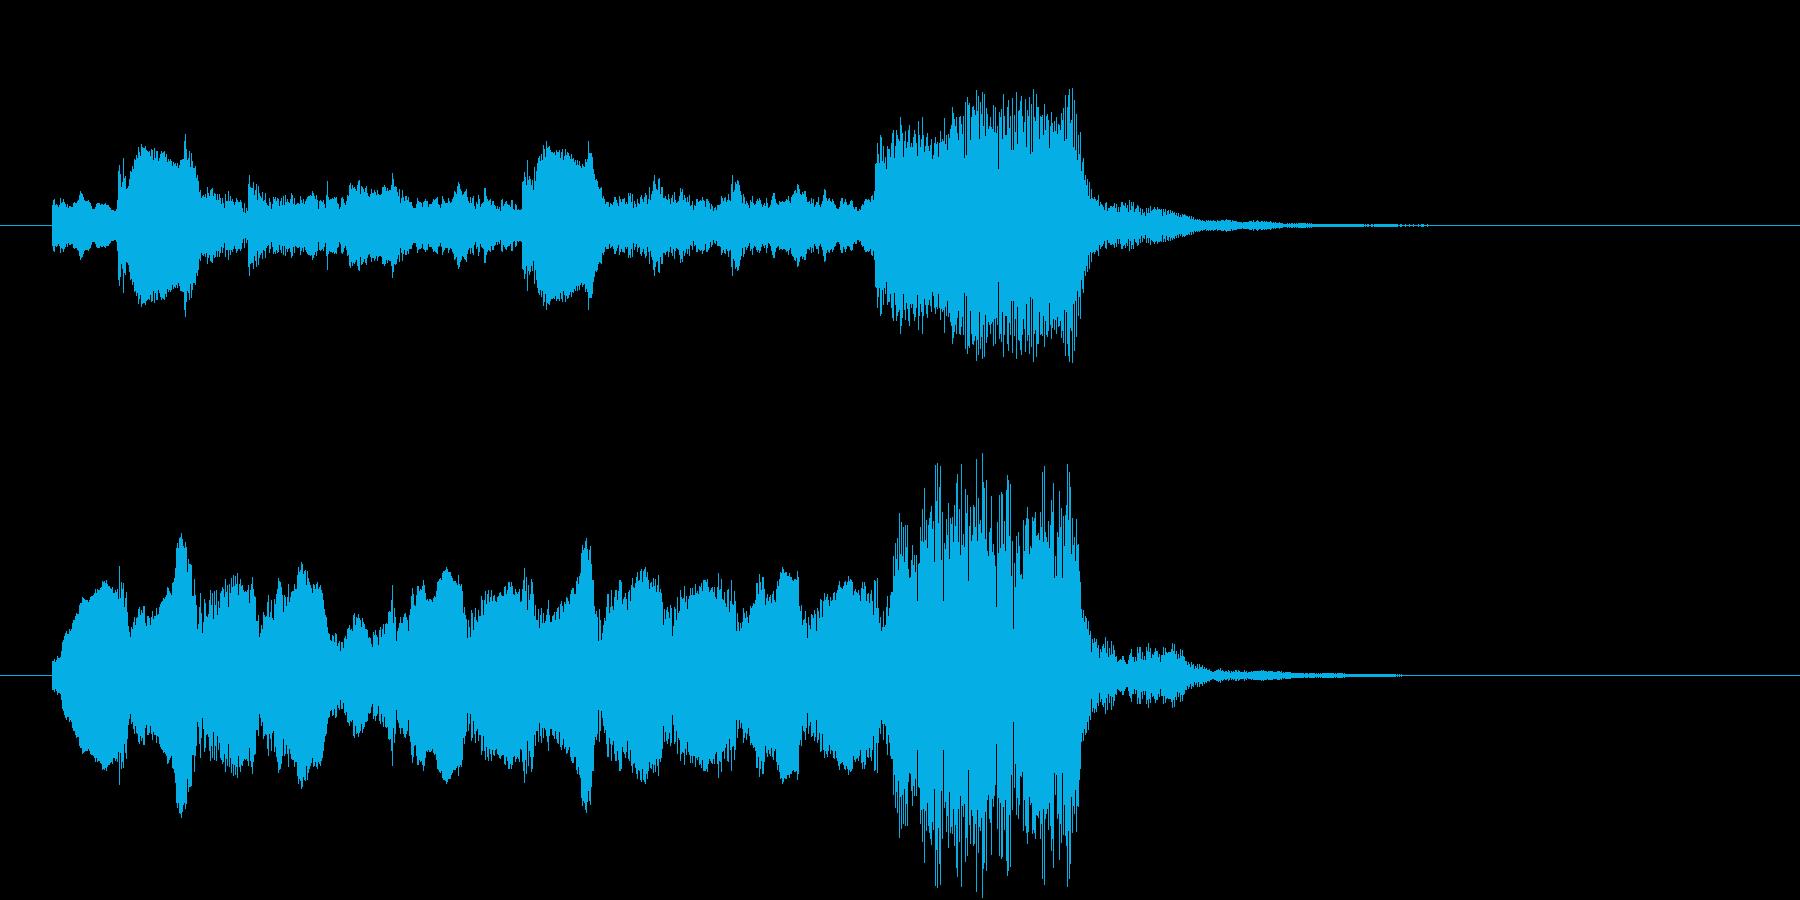 失敗・不正解・残念(オーケストラ楽器)の再生済みの波形